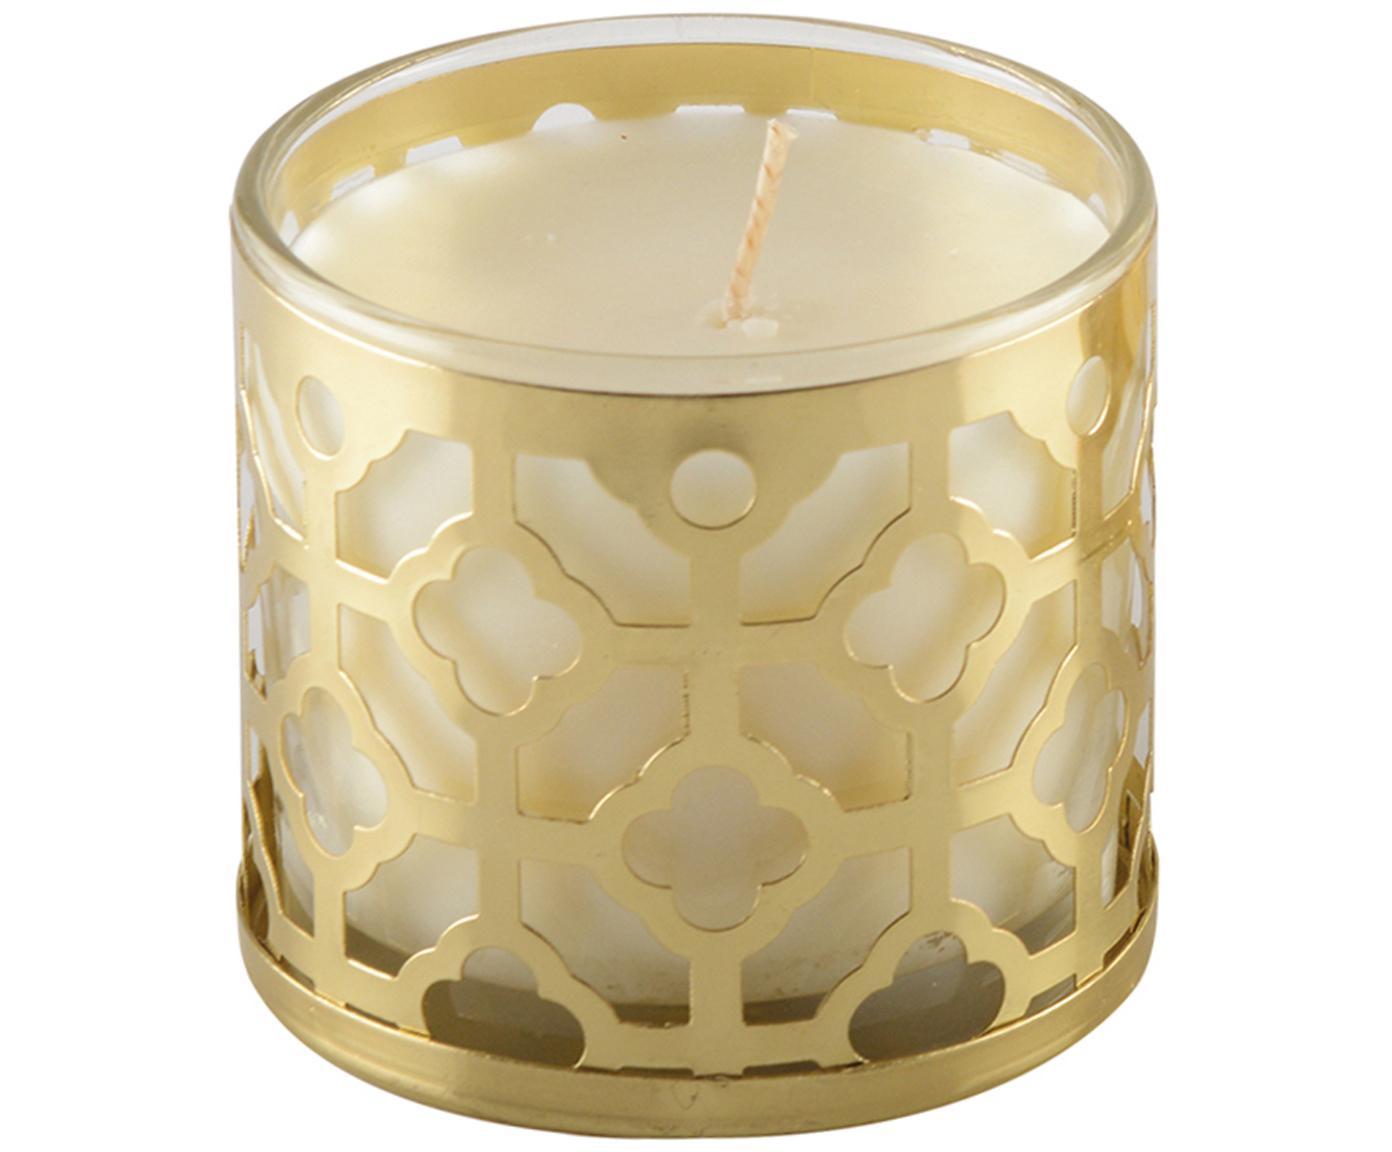 Geurkaars Helion (vanille), Houder: glas, metaal, Goudkleurig, wit, Ø 8 x H 8 cm